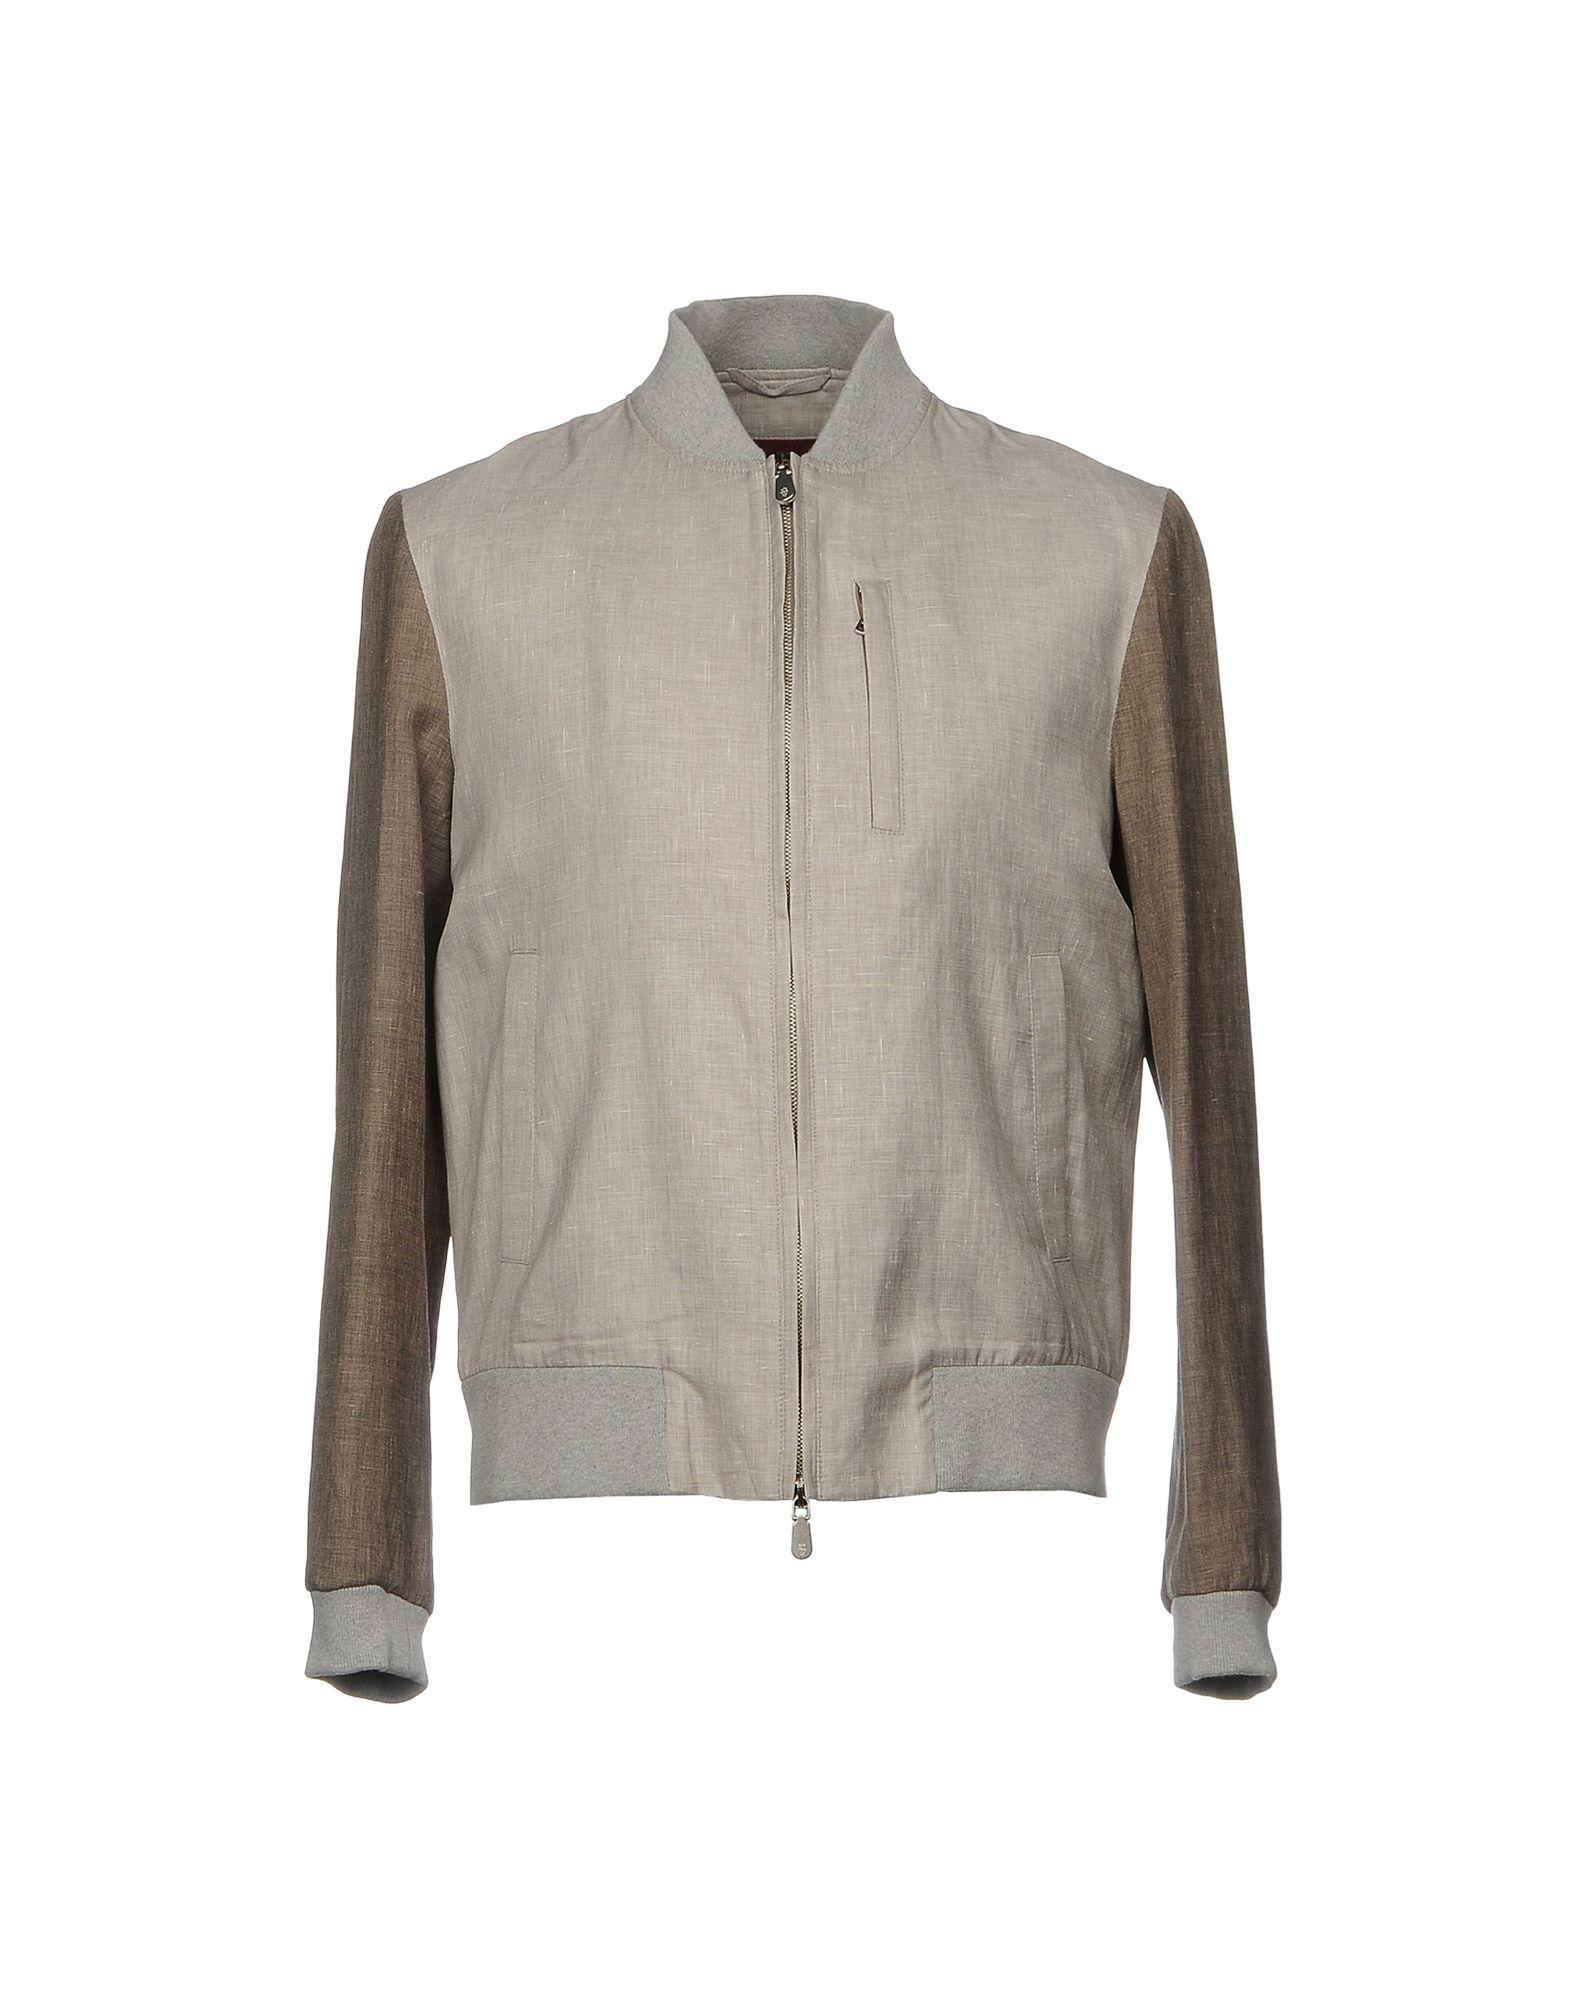 ELEVENTY Куртка 2225066030 high quality maf 22250 66030 mass air flow sensor for toyota 22250 66030 22250 66010